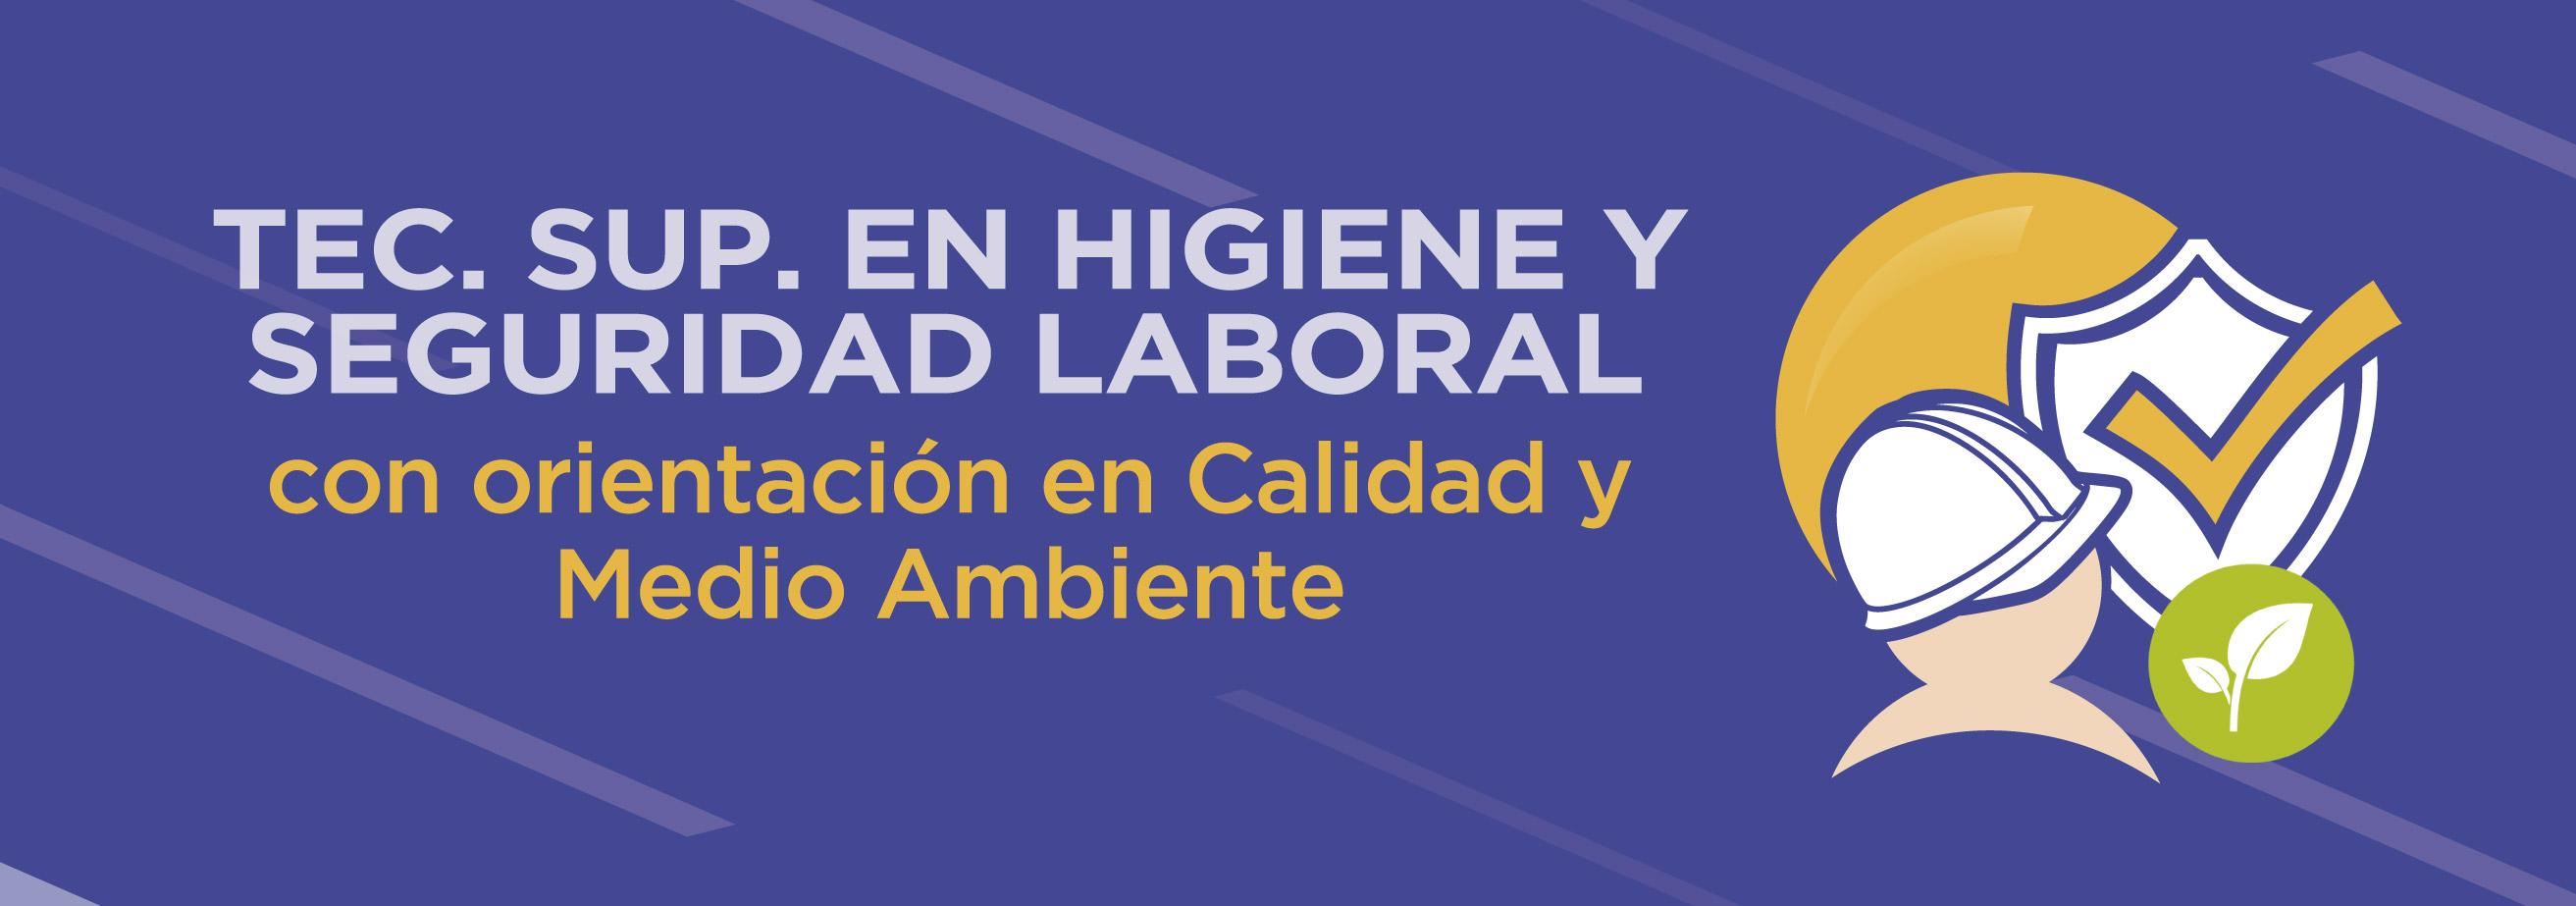 HIGIENE ORIENTACIÓN CALIDAD  PARA NOTA Y SLIDER-02-02